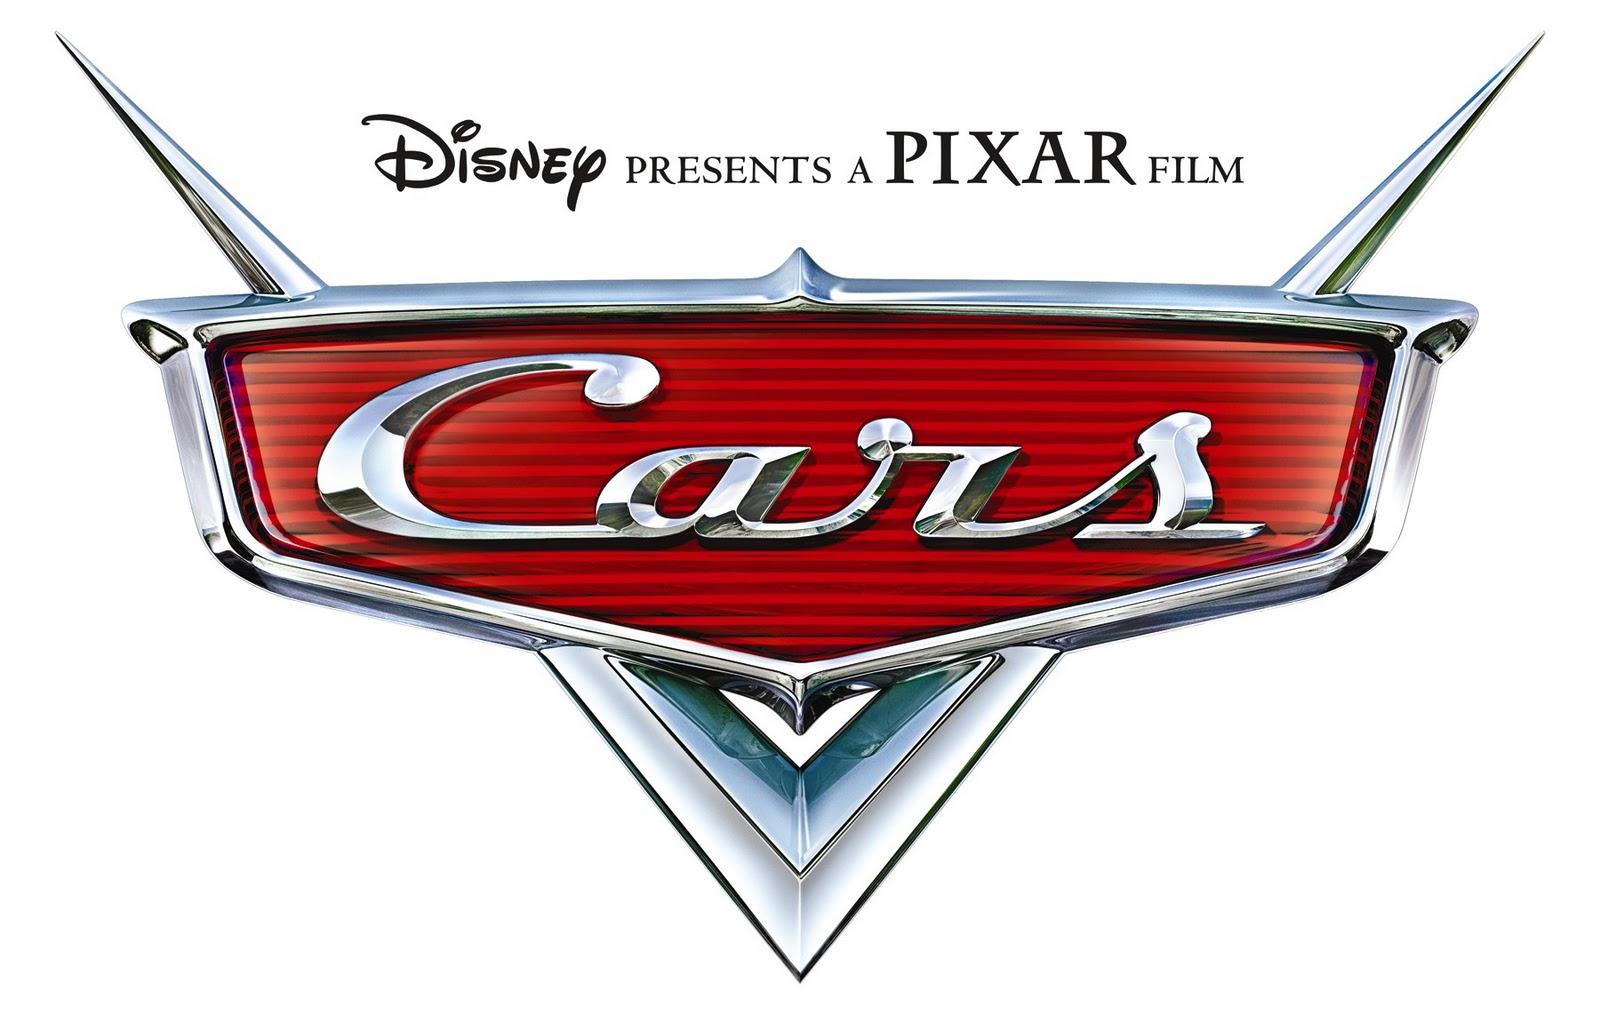 Cars Disney Lightning Mcqueen 202375 Wallpaper Wallpaper